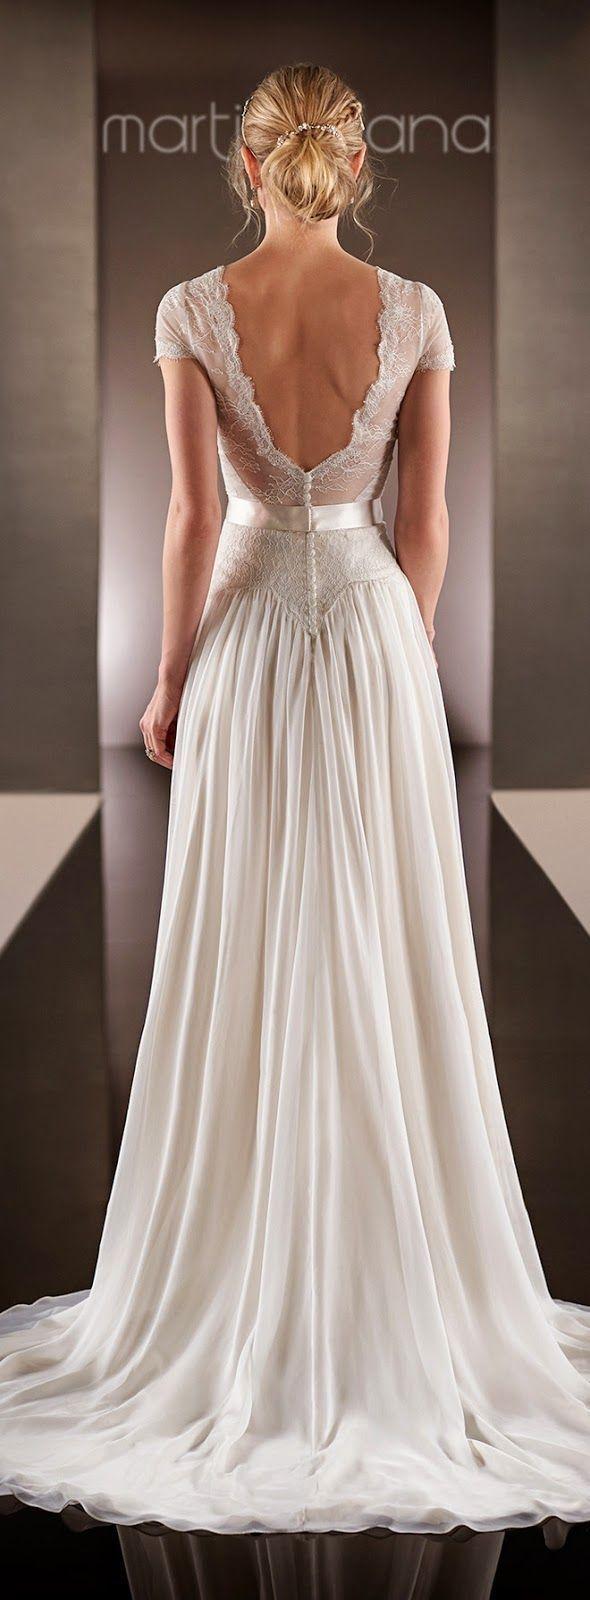 bridal dress gebrauchte hochzeitskleider münchen 5 besten